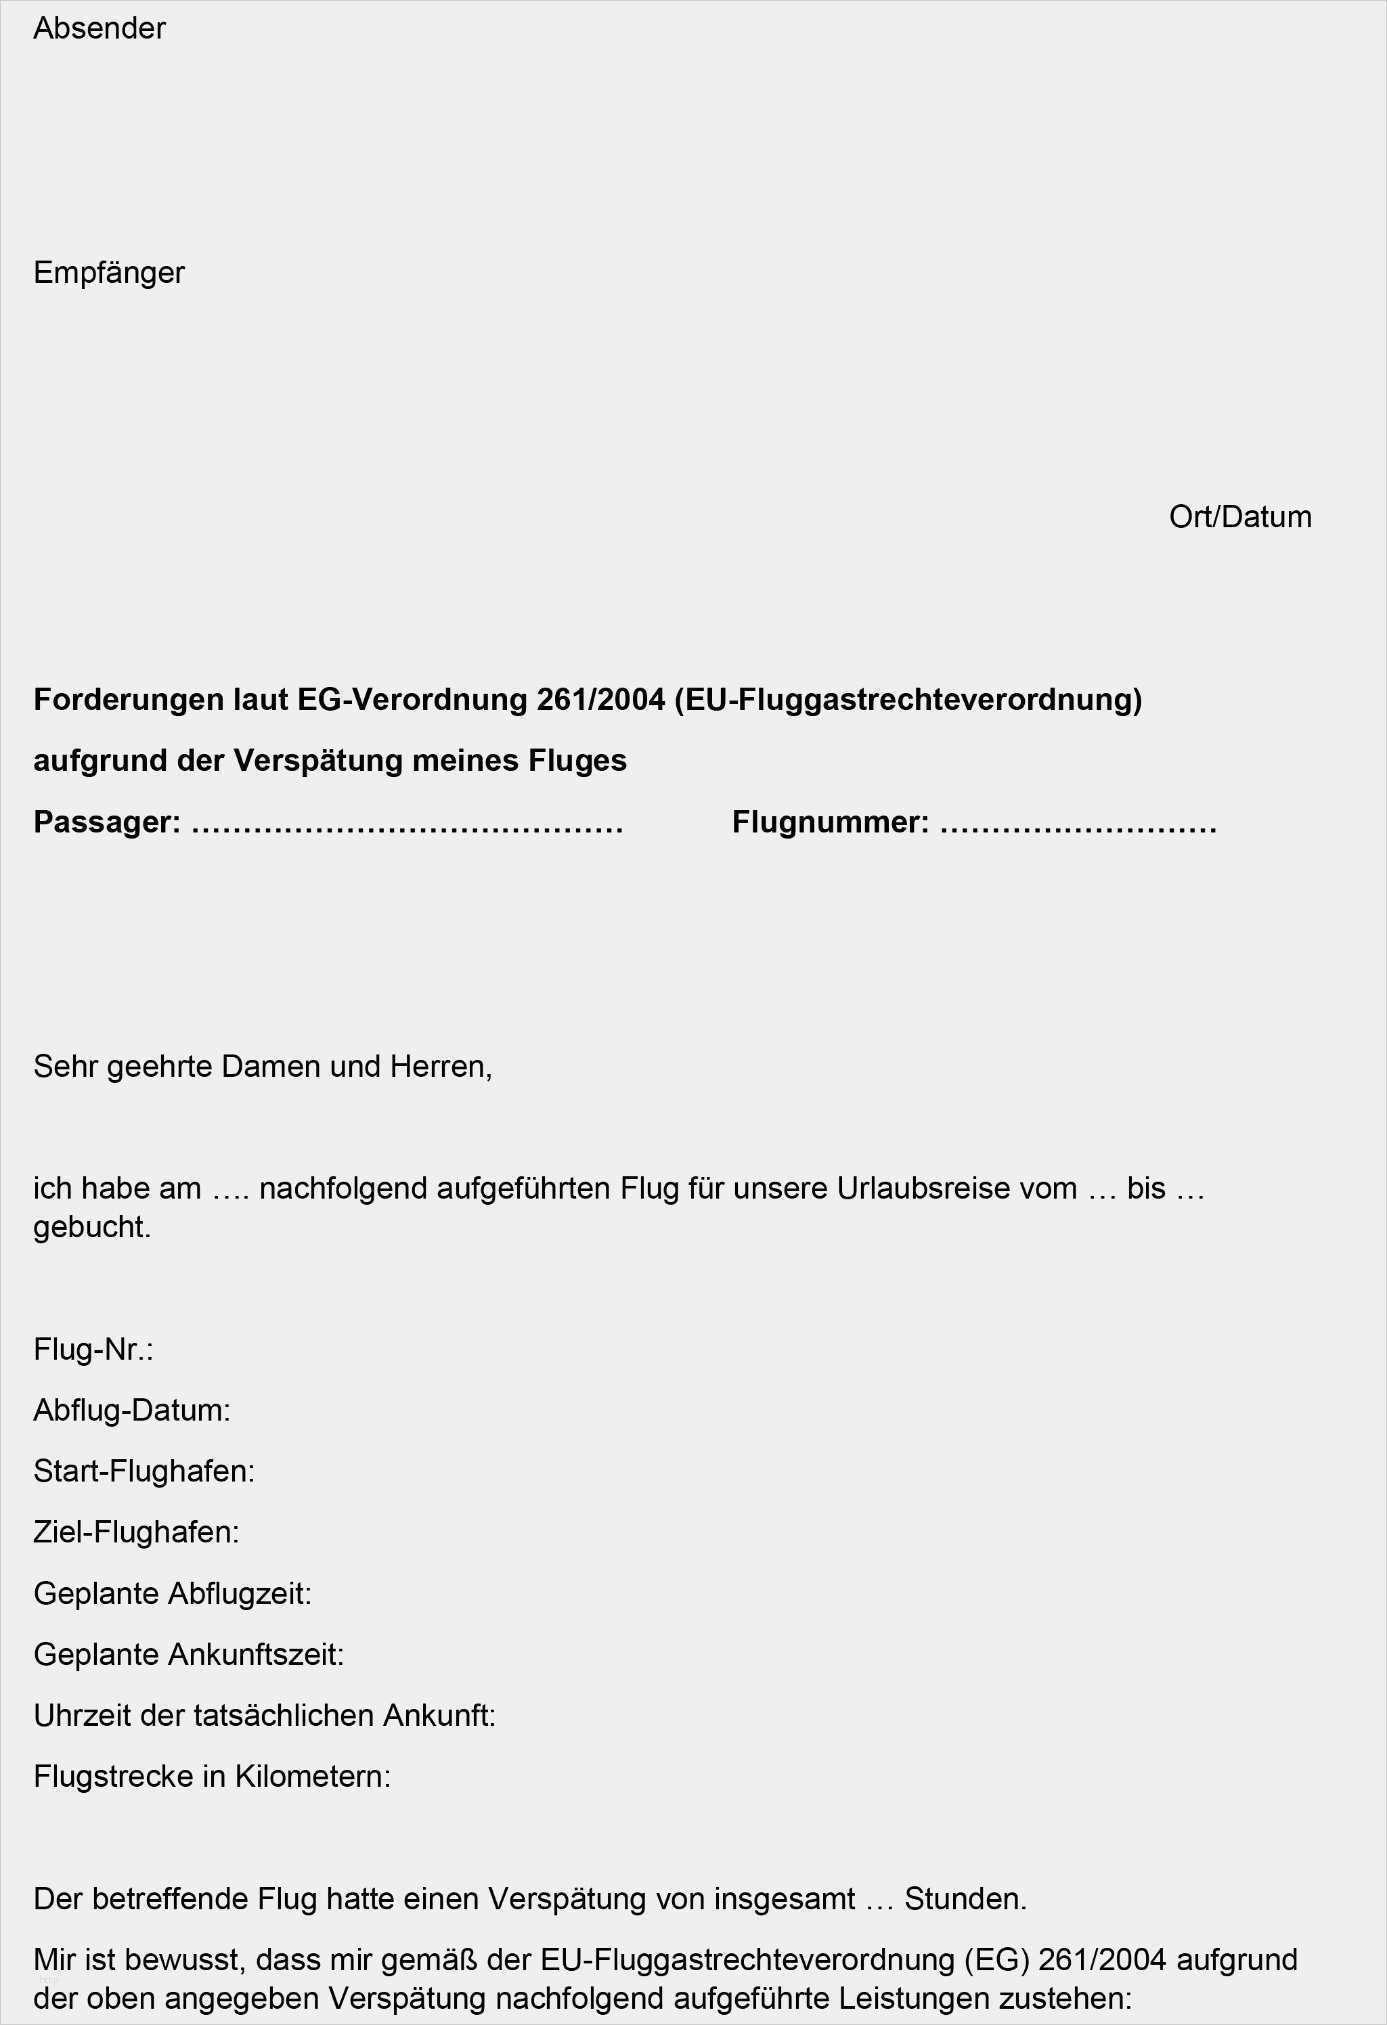 Cool Schadensersatz Rechnung Vorlage Vorrate In 2020 Vorlagen Briefvorlagen Vorlagen Word